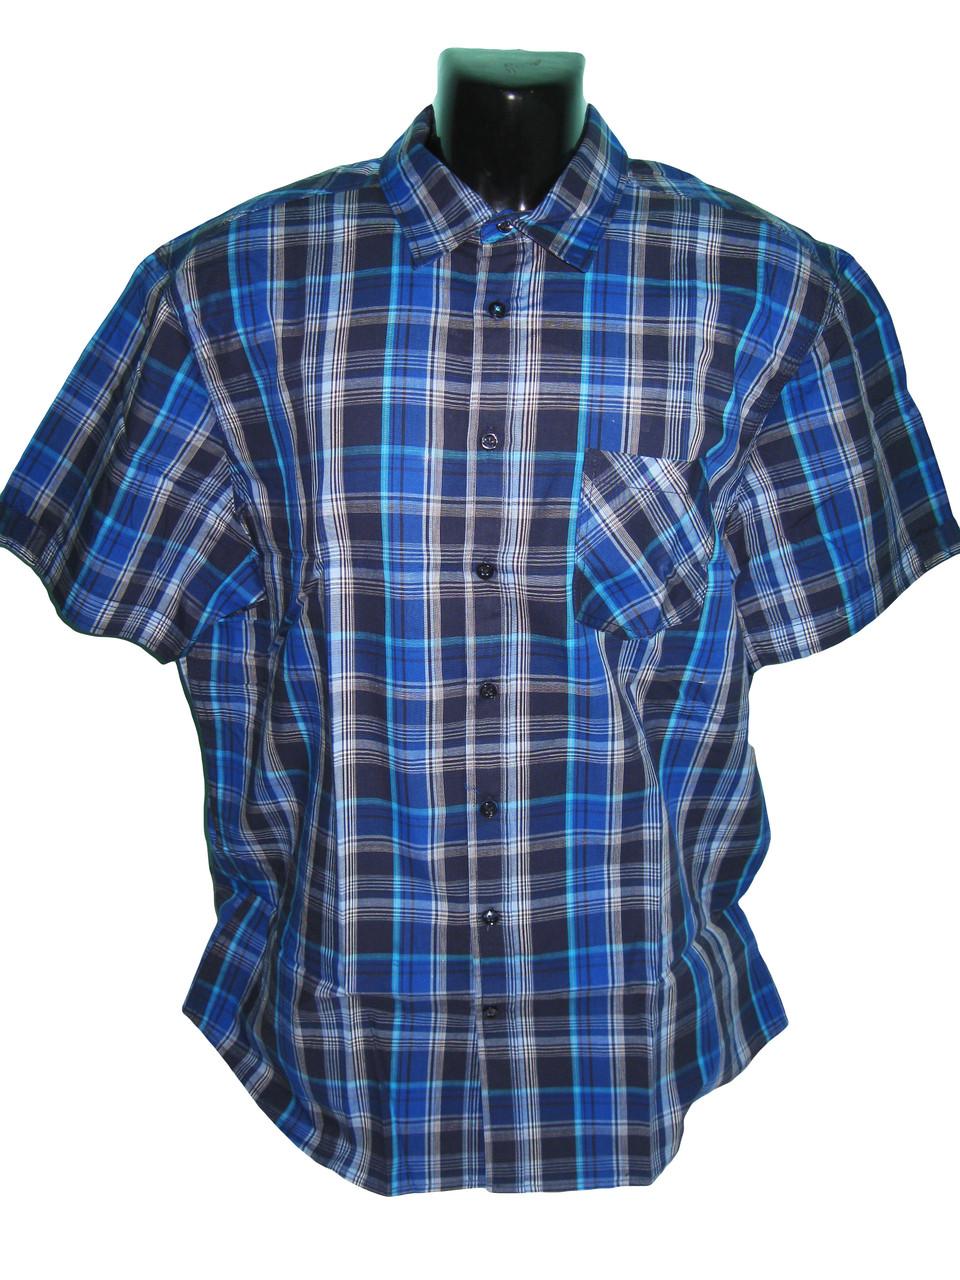 Рубашка мужская, LIVERGY, размер XL (43/44), арт. М-175